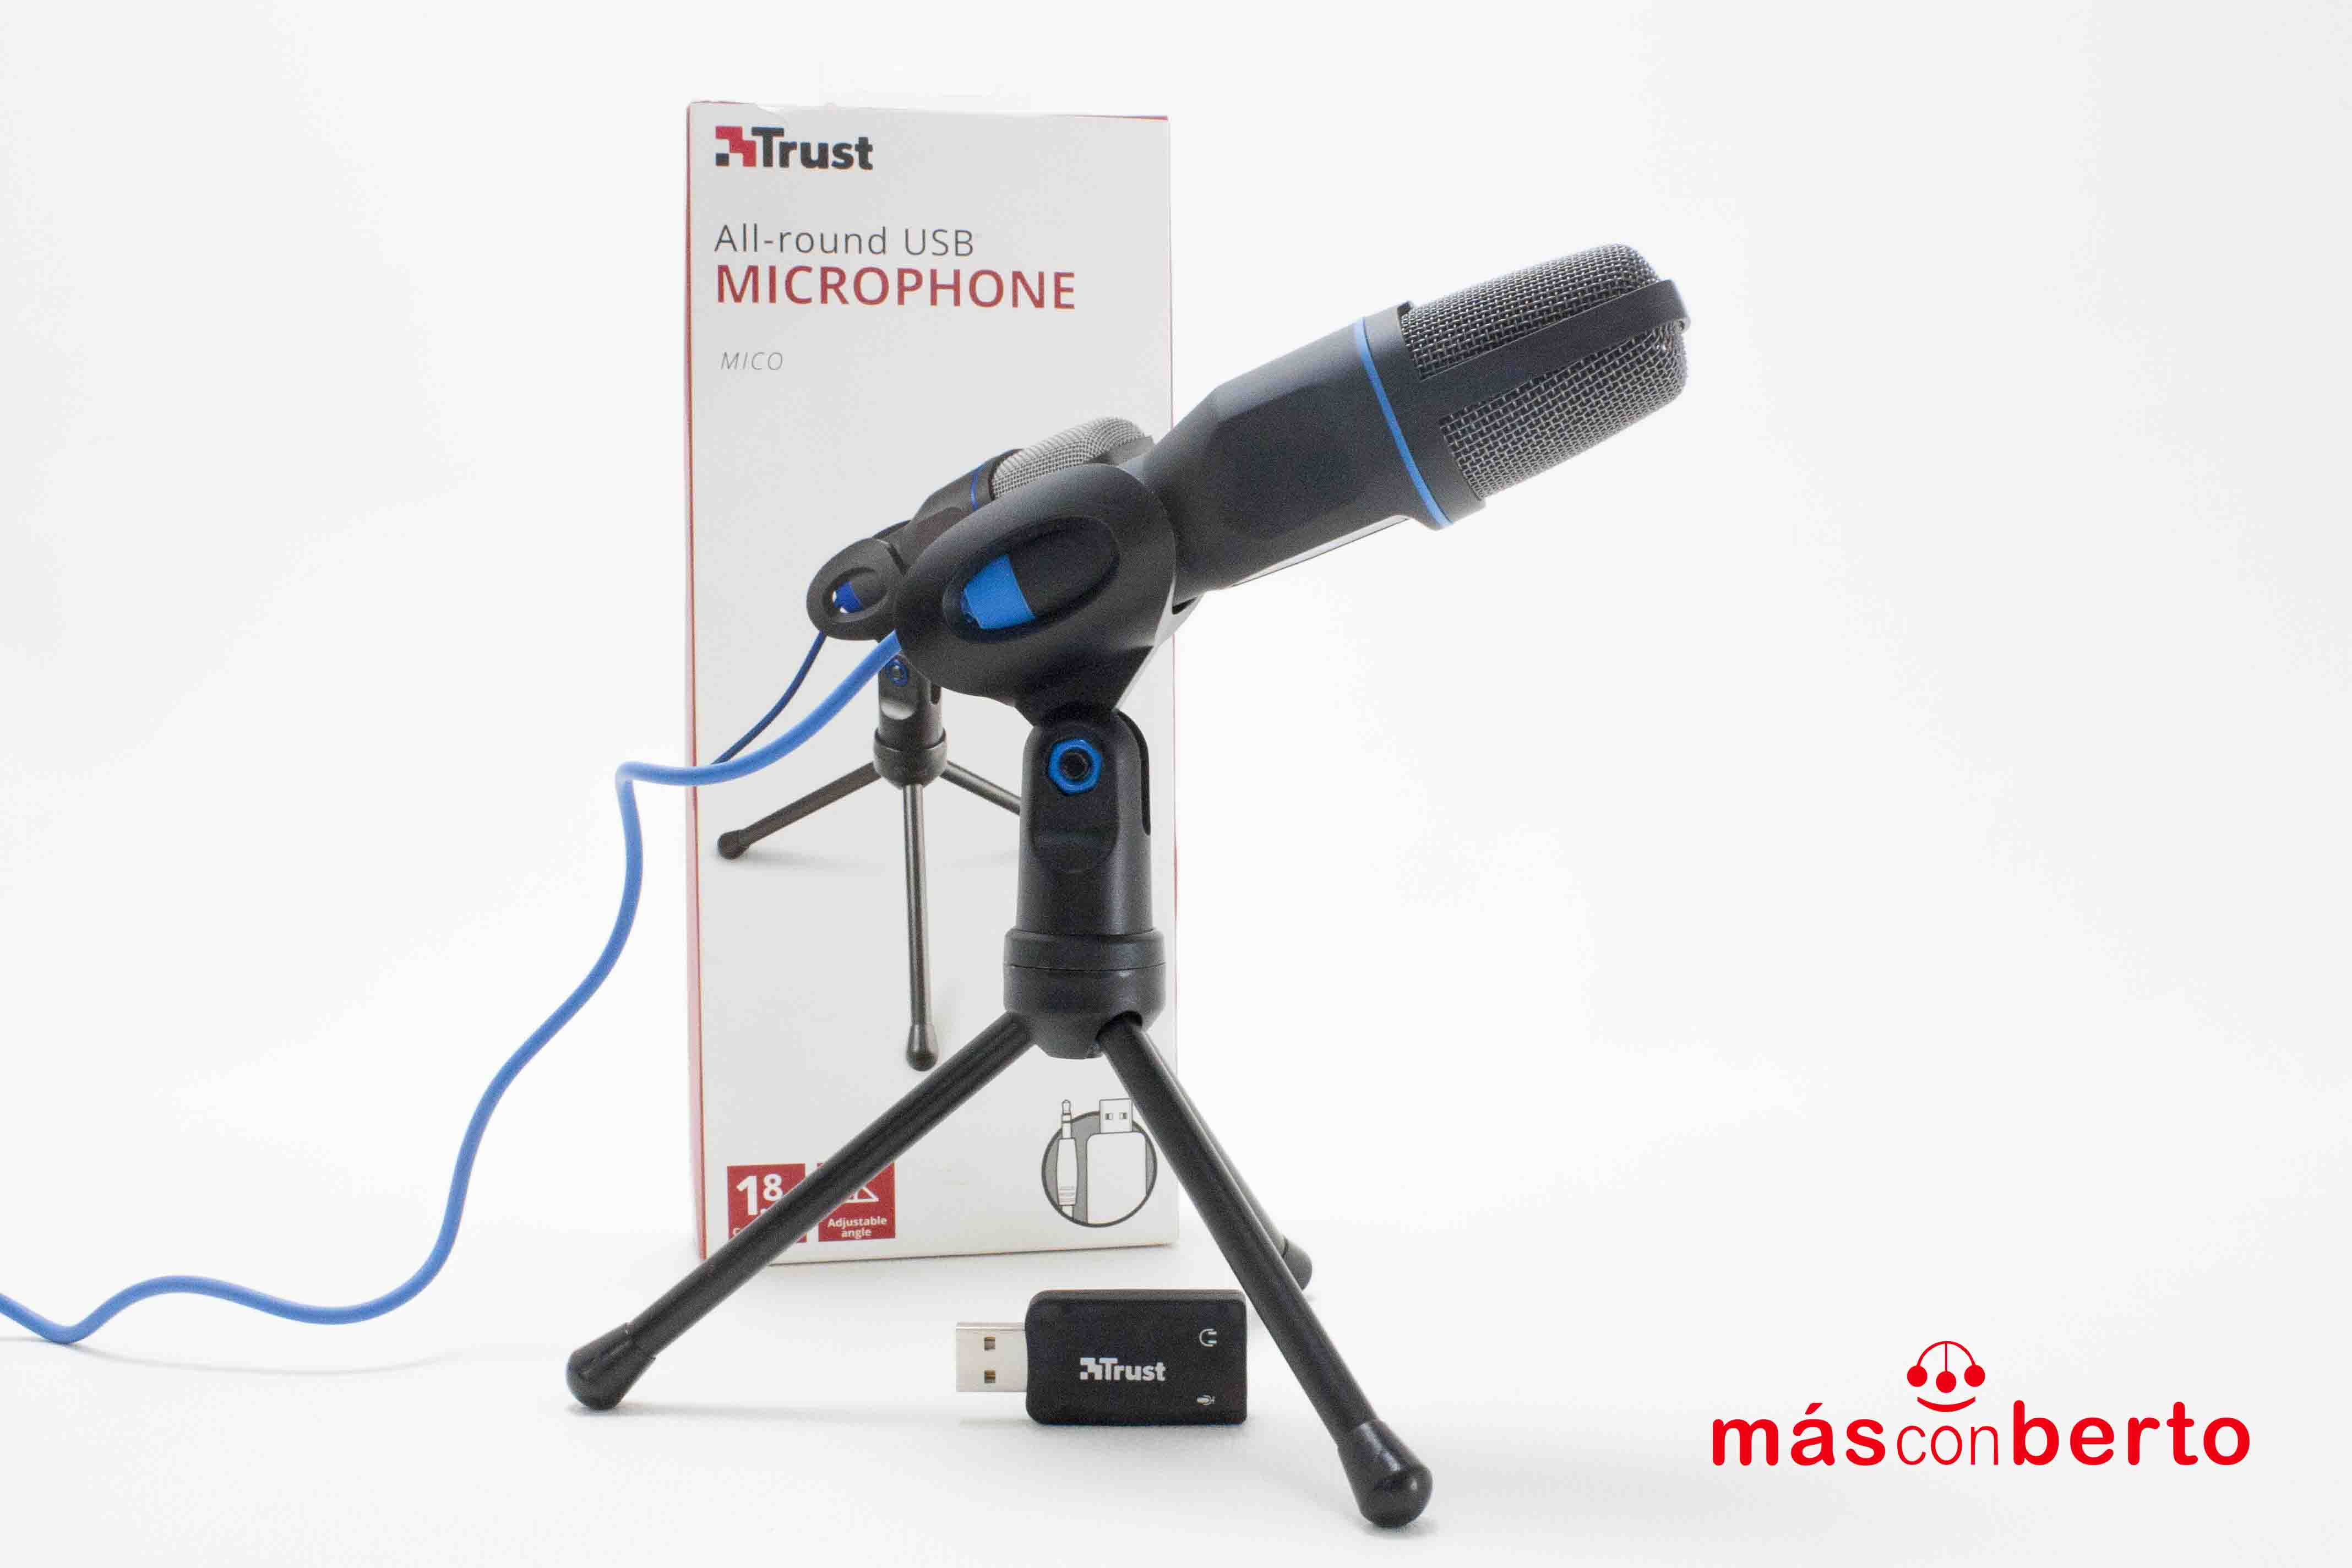 Micrófono USB MICO Trust